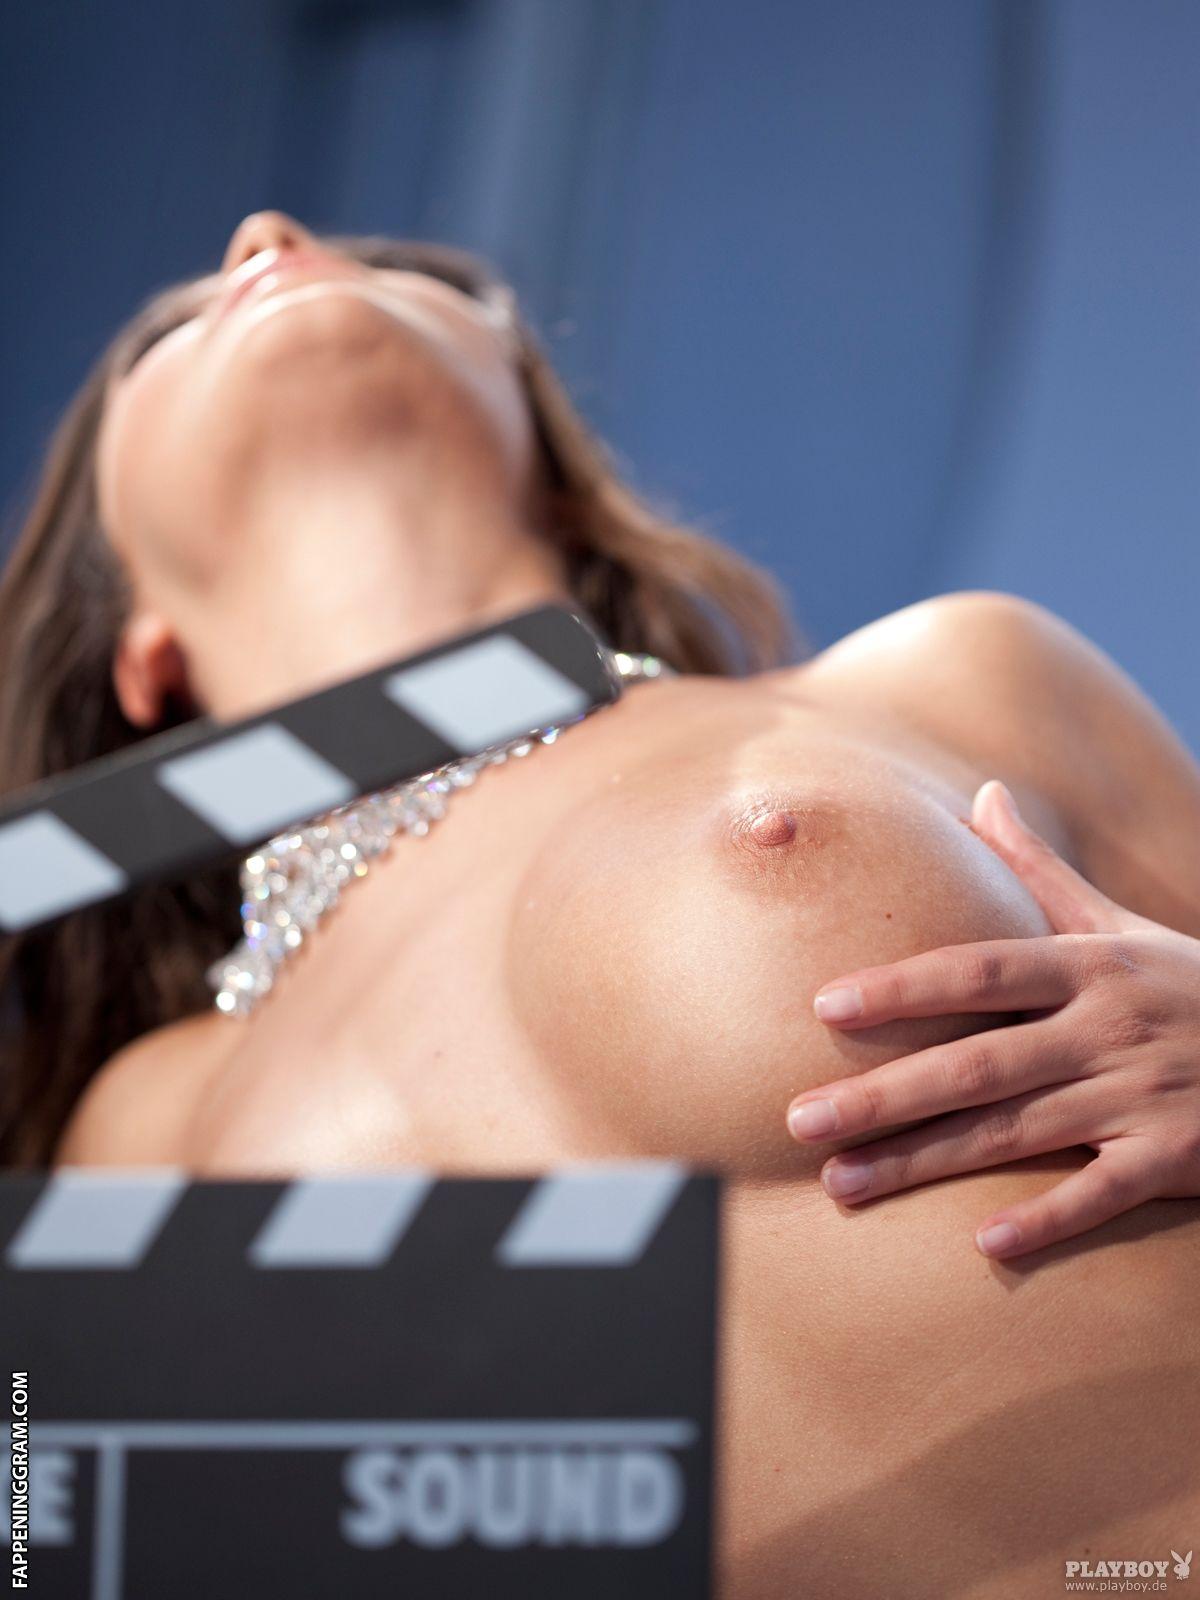 Nude silvia hauten Booby Playboy